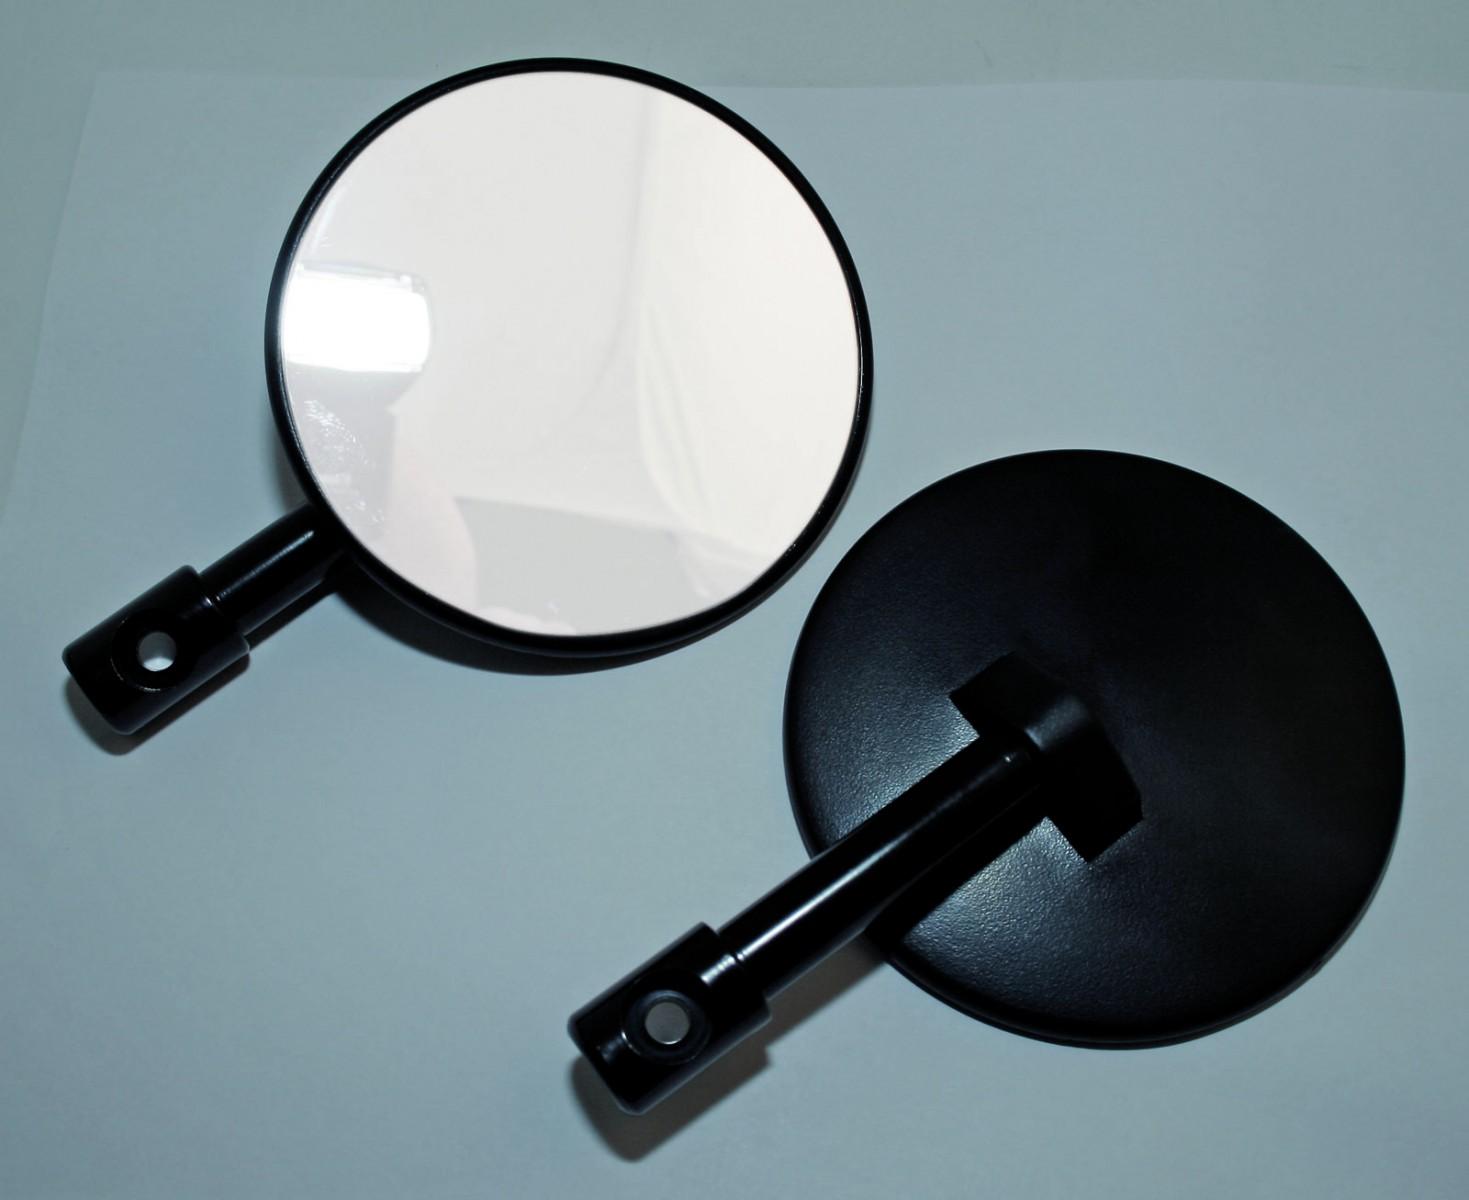 Spiegel f r lenkerende rund schwarz paar e gepr zubeh rteile spiegel - Spiegel rund schwarz ...